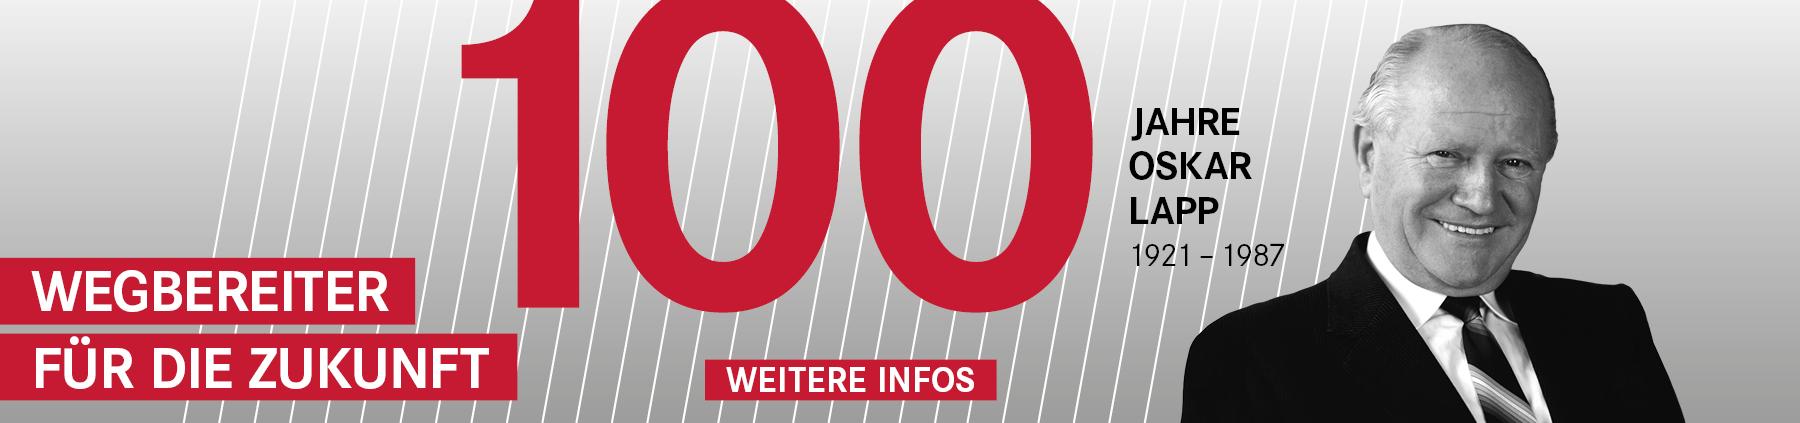 oskar-lapp-100-banner